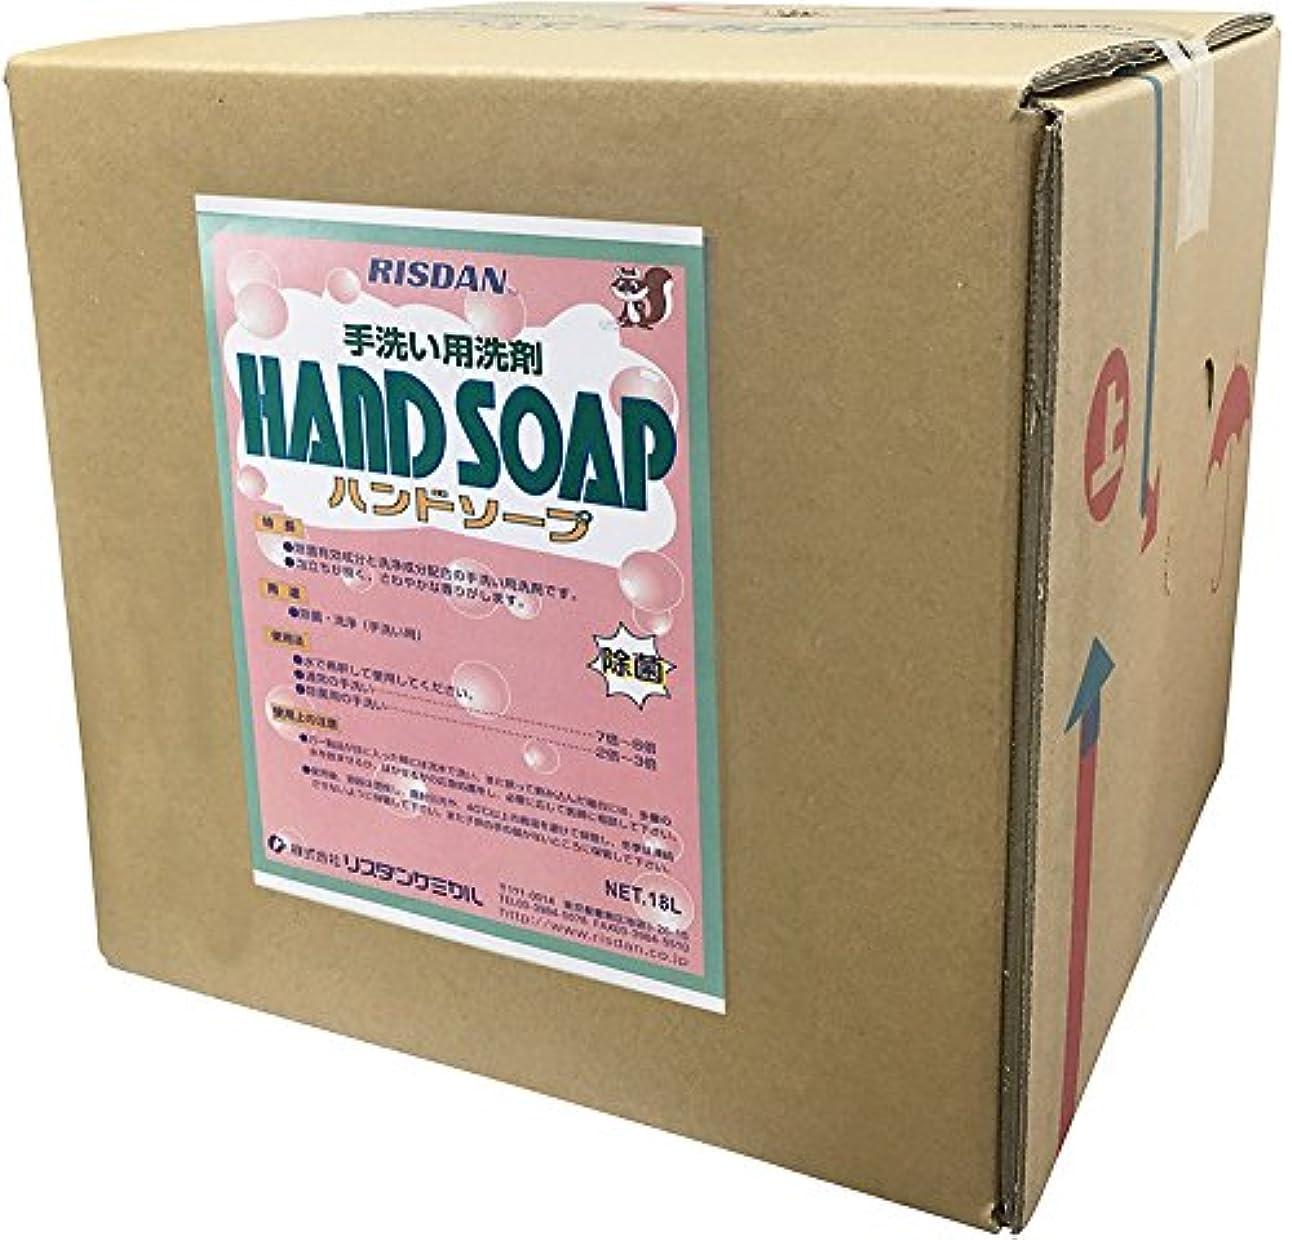 不満霜シリアルリスダンケミカル ハンドソープ 18L 手洗い用洗剤